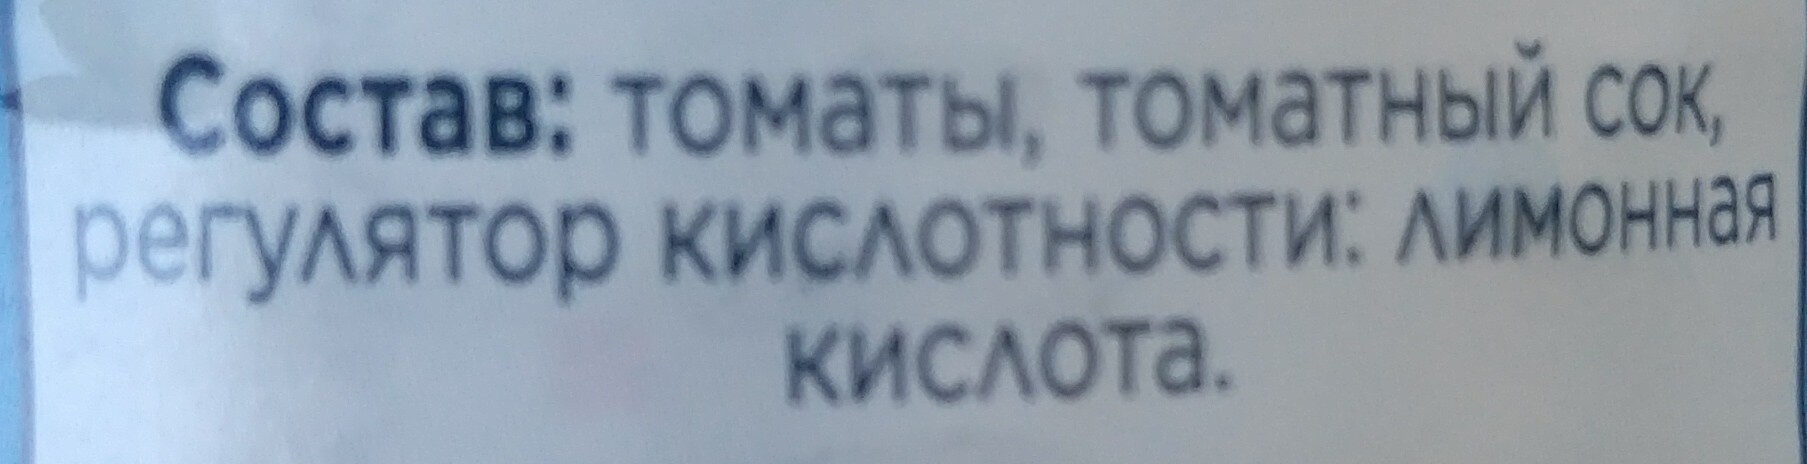 Резанные томаты в томатном соке - Ingrediënten - ru